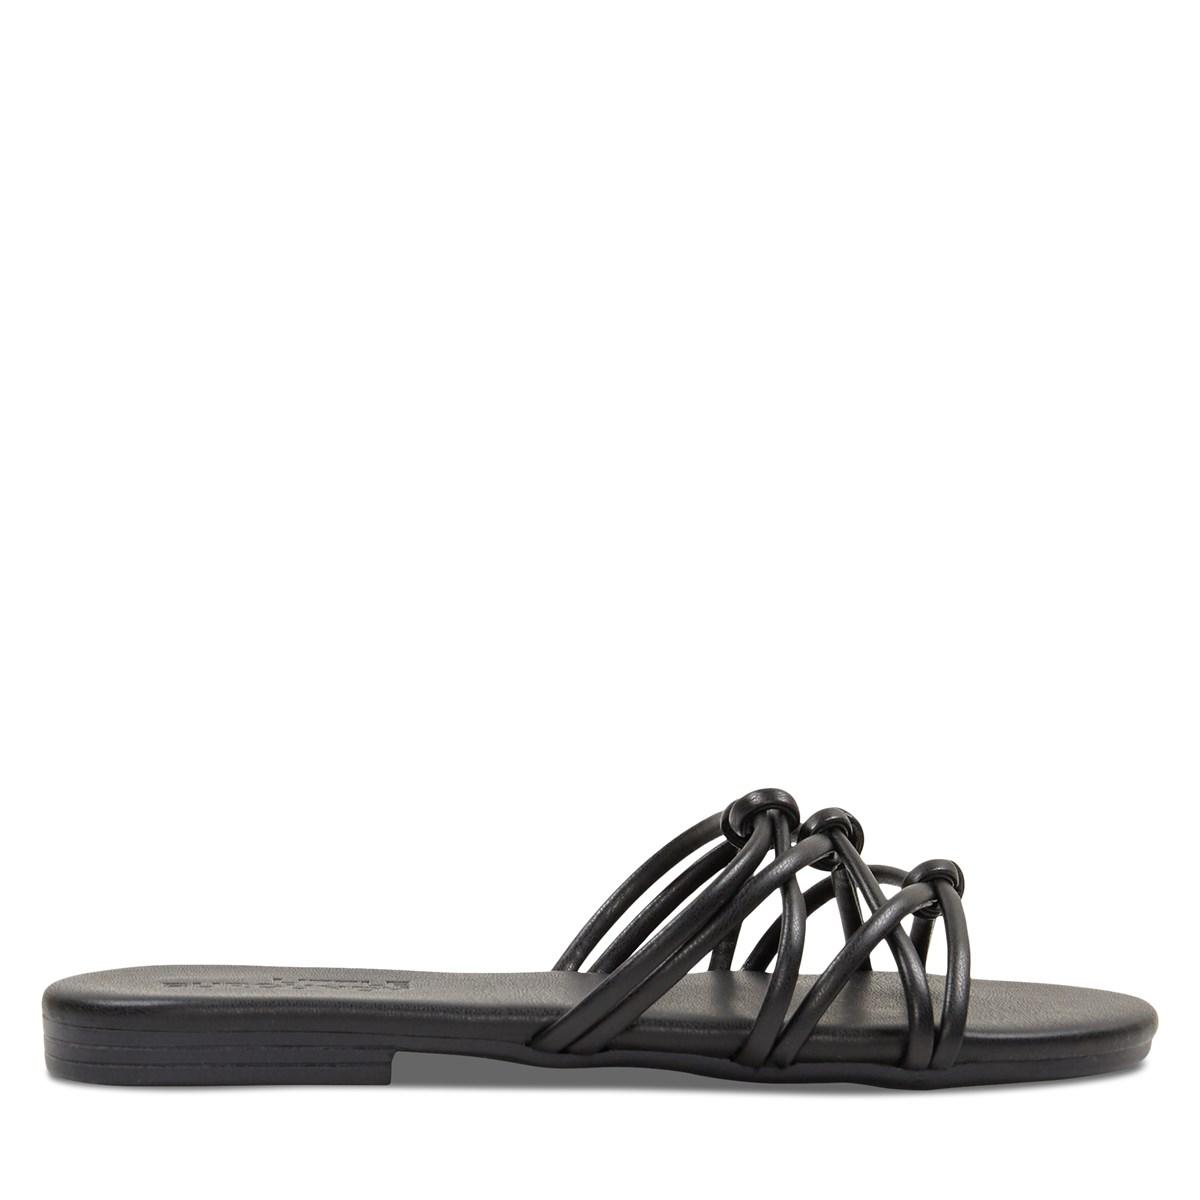 Sandales Kim noires pour femmes